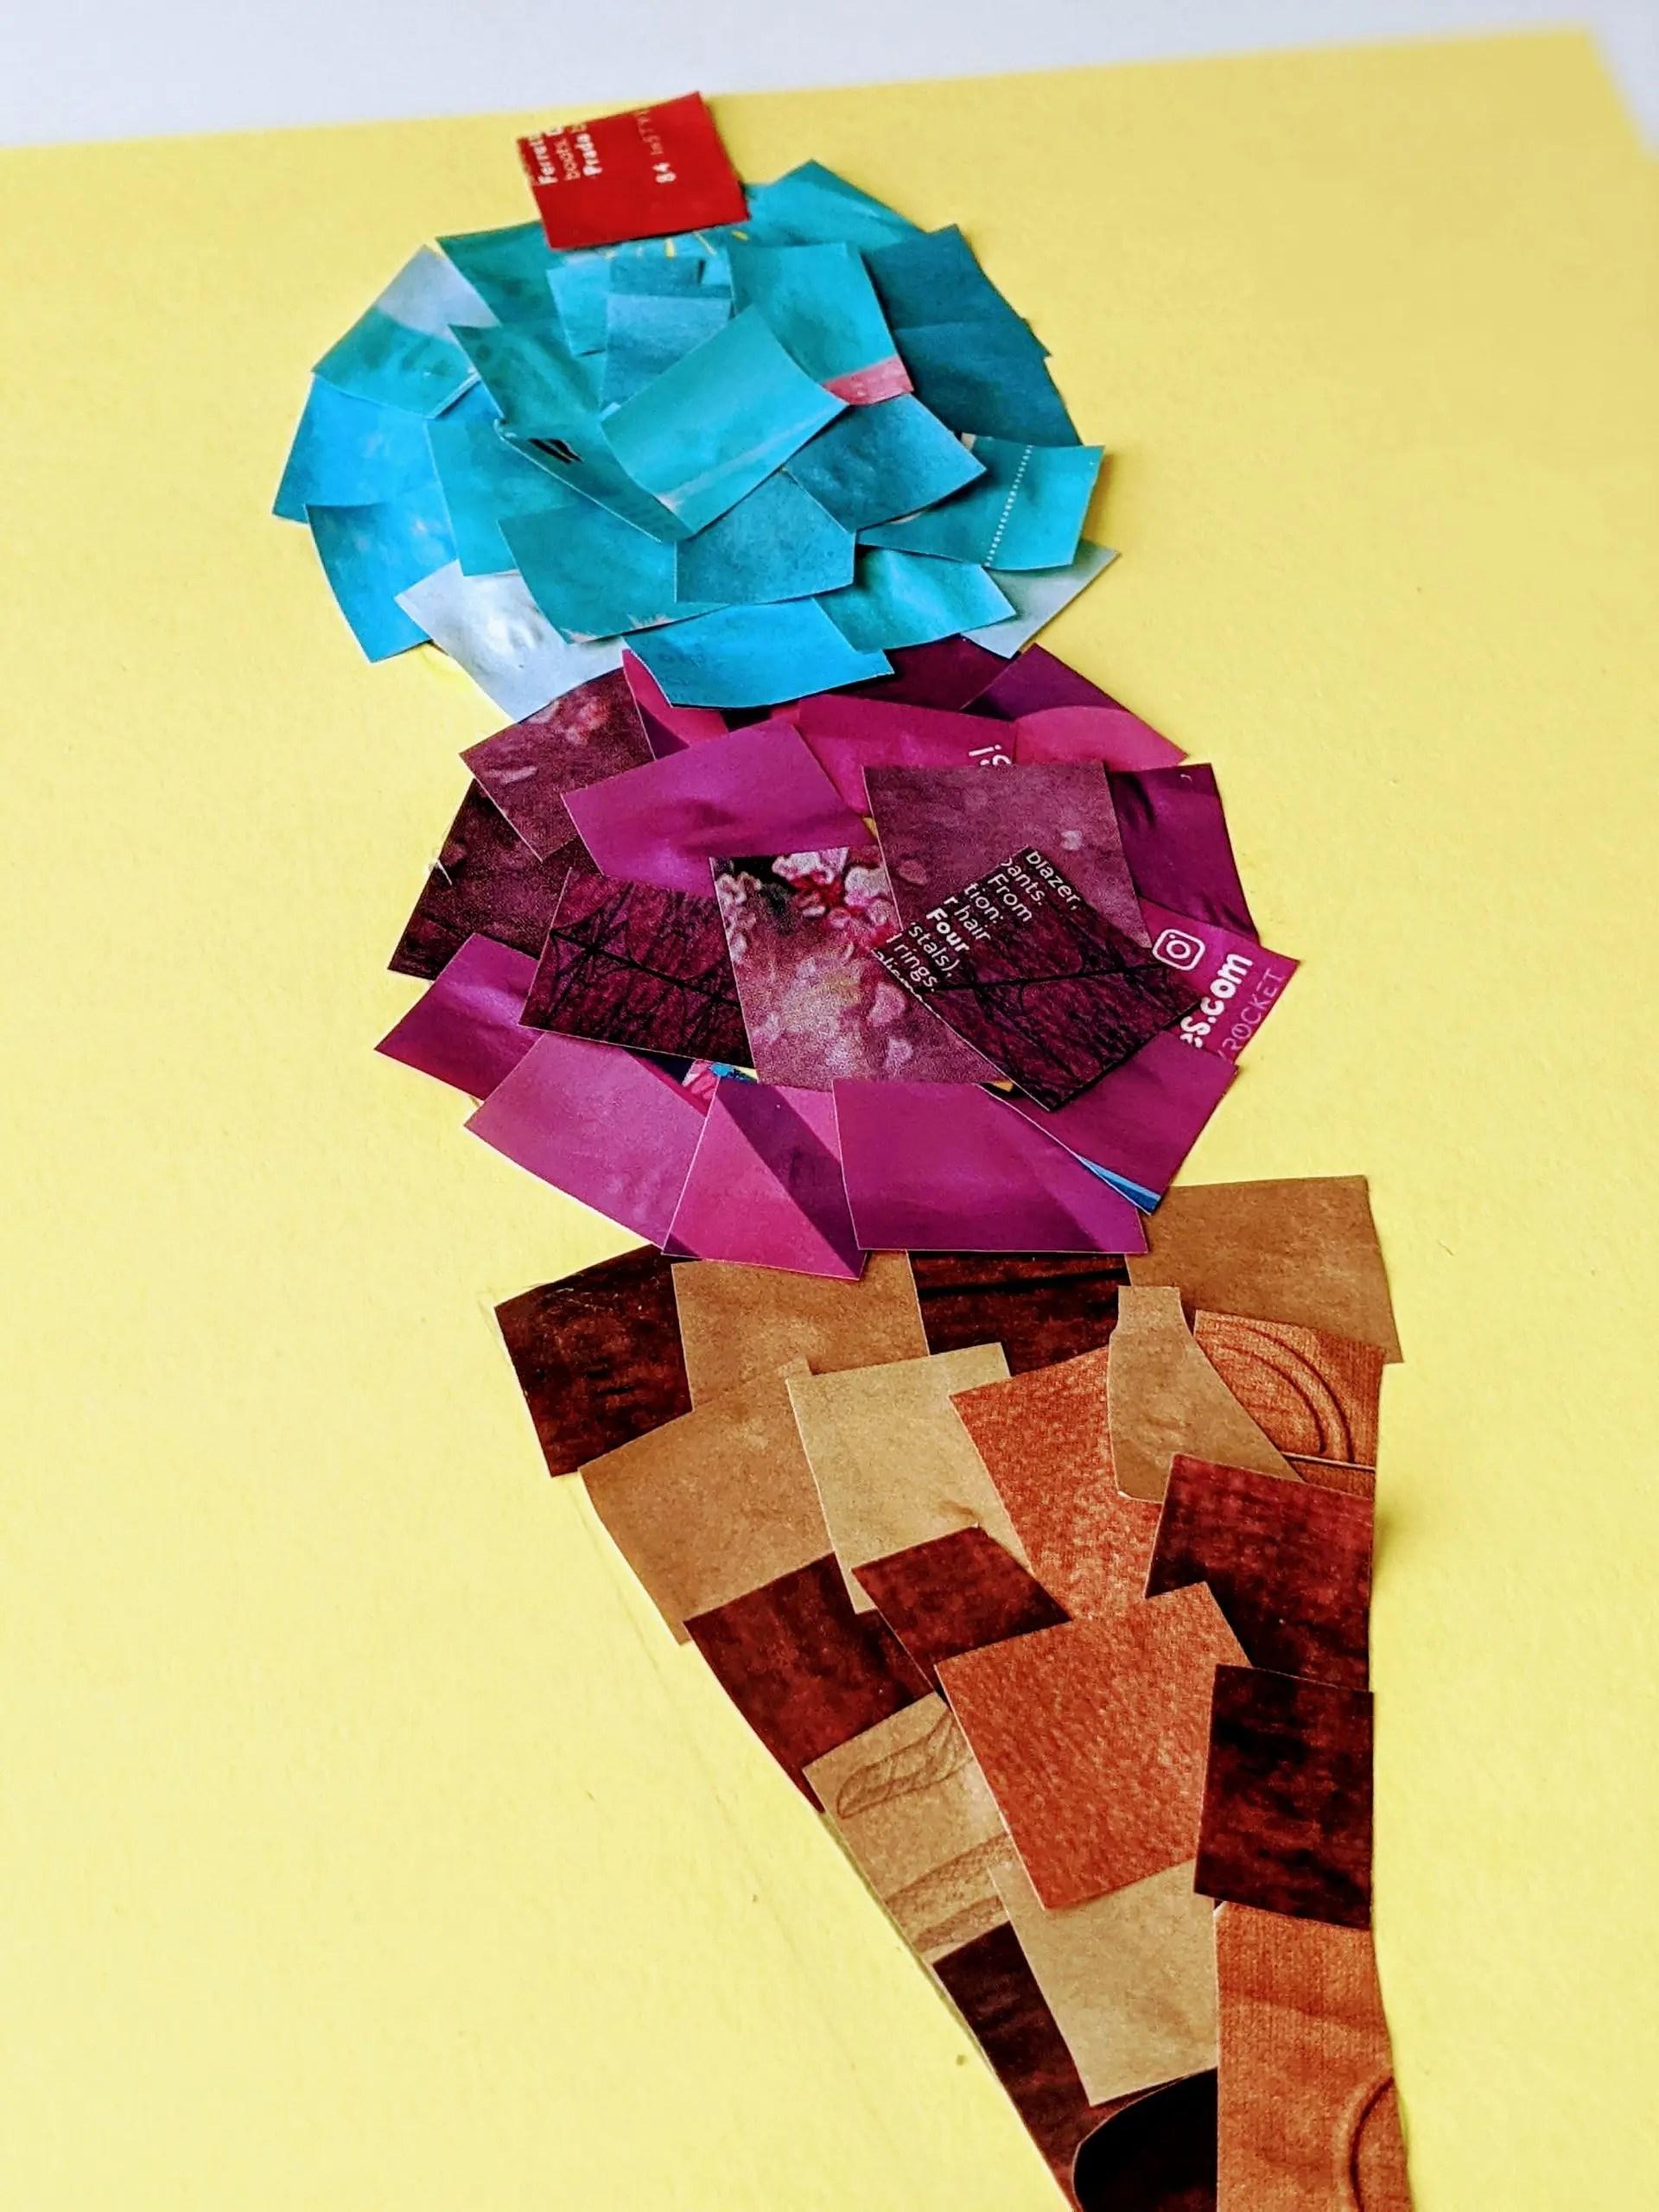 ice cream cone magazine collage craft